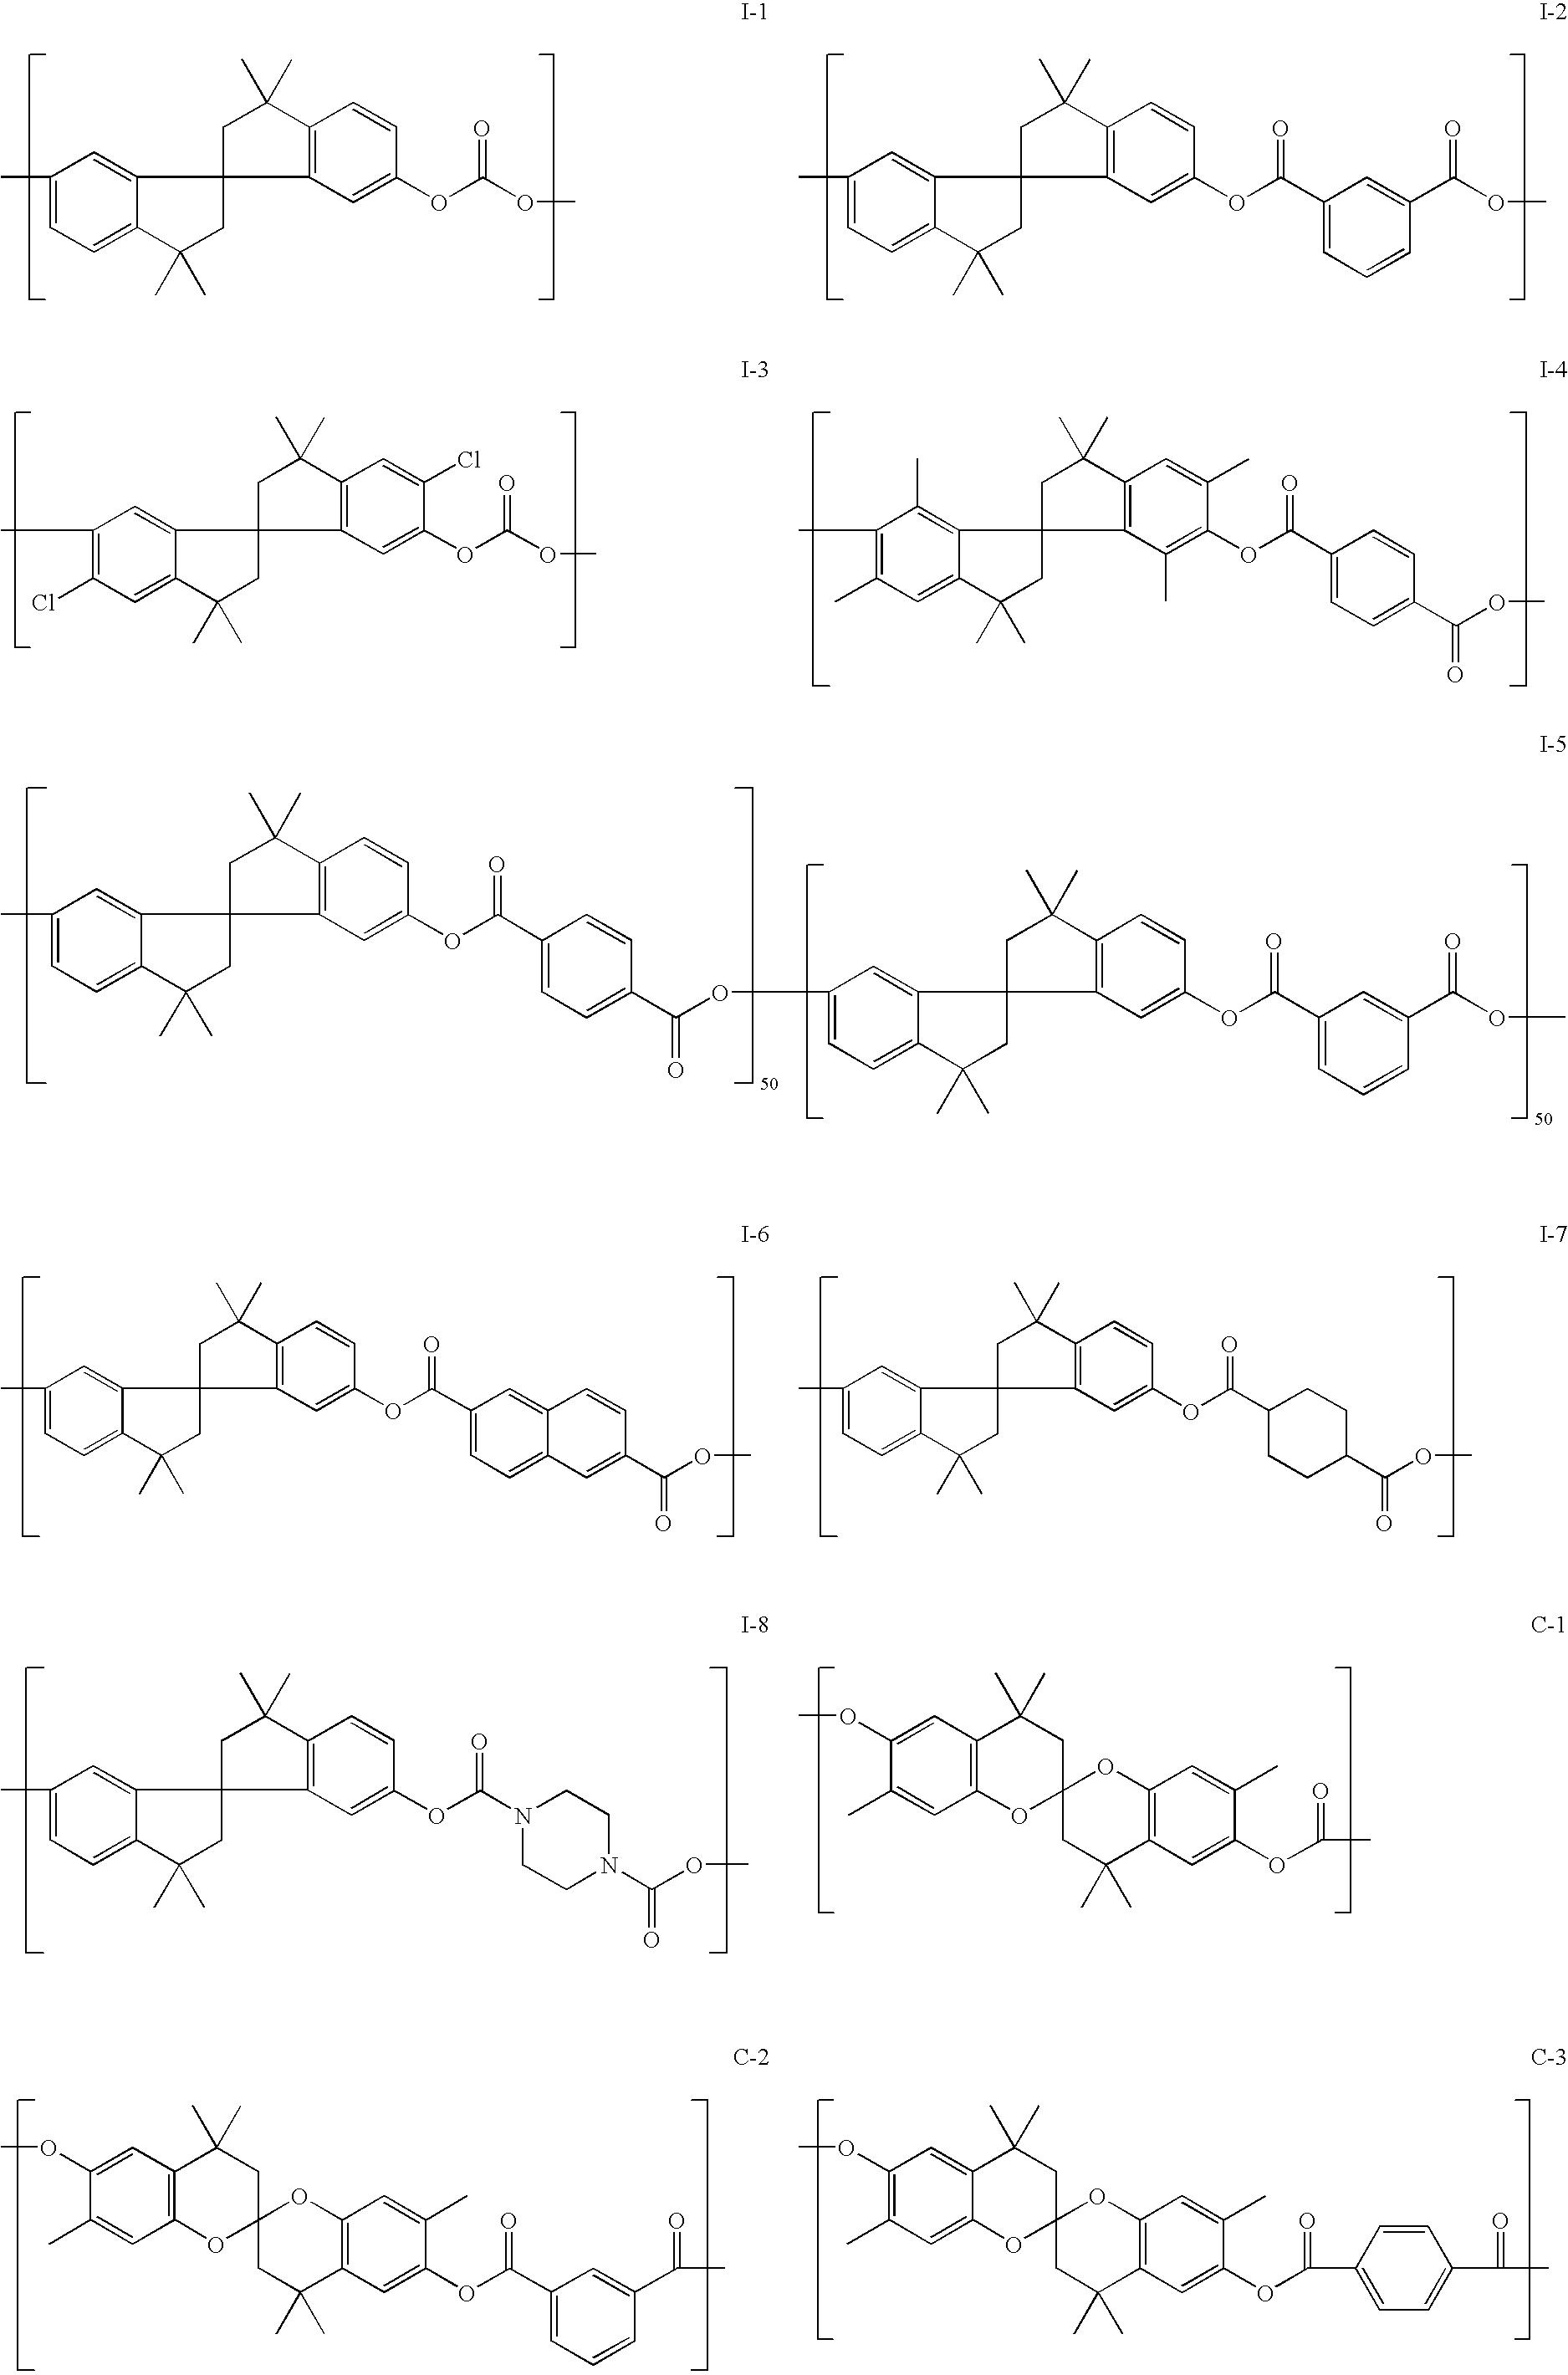 Figure US07297414-20071120-C00011